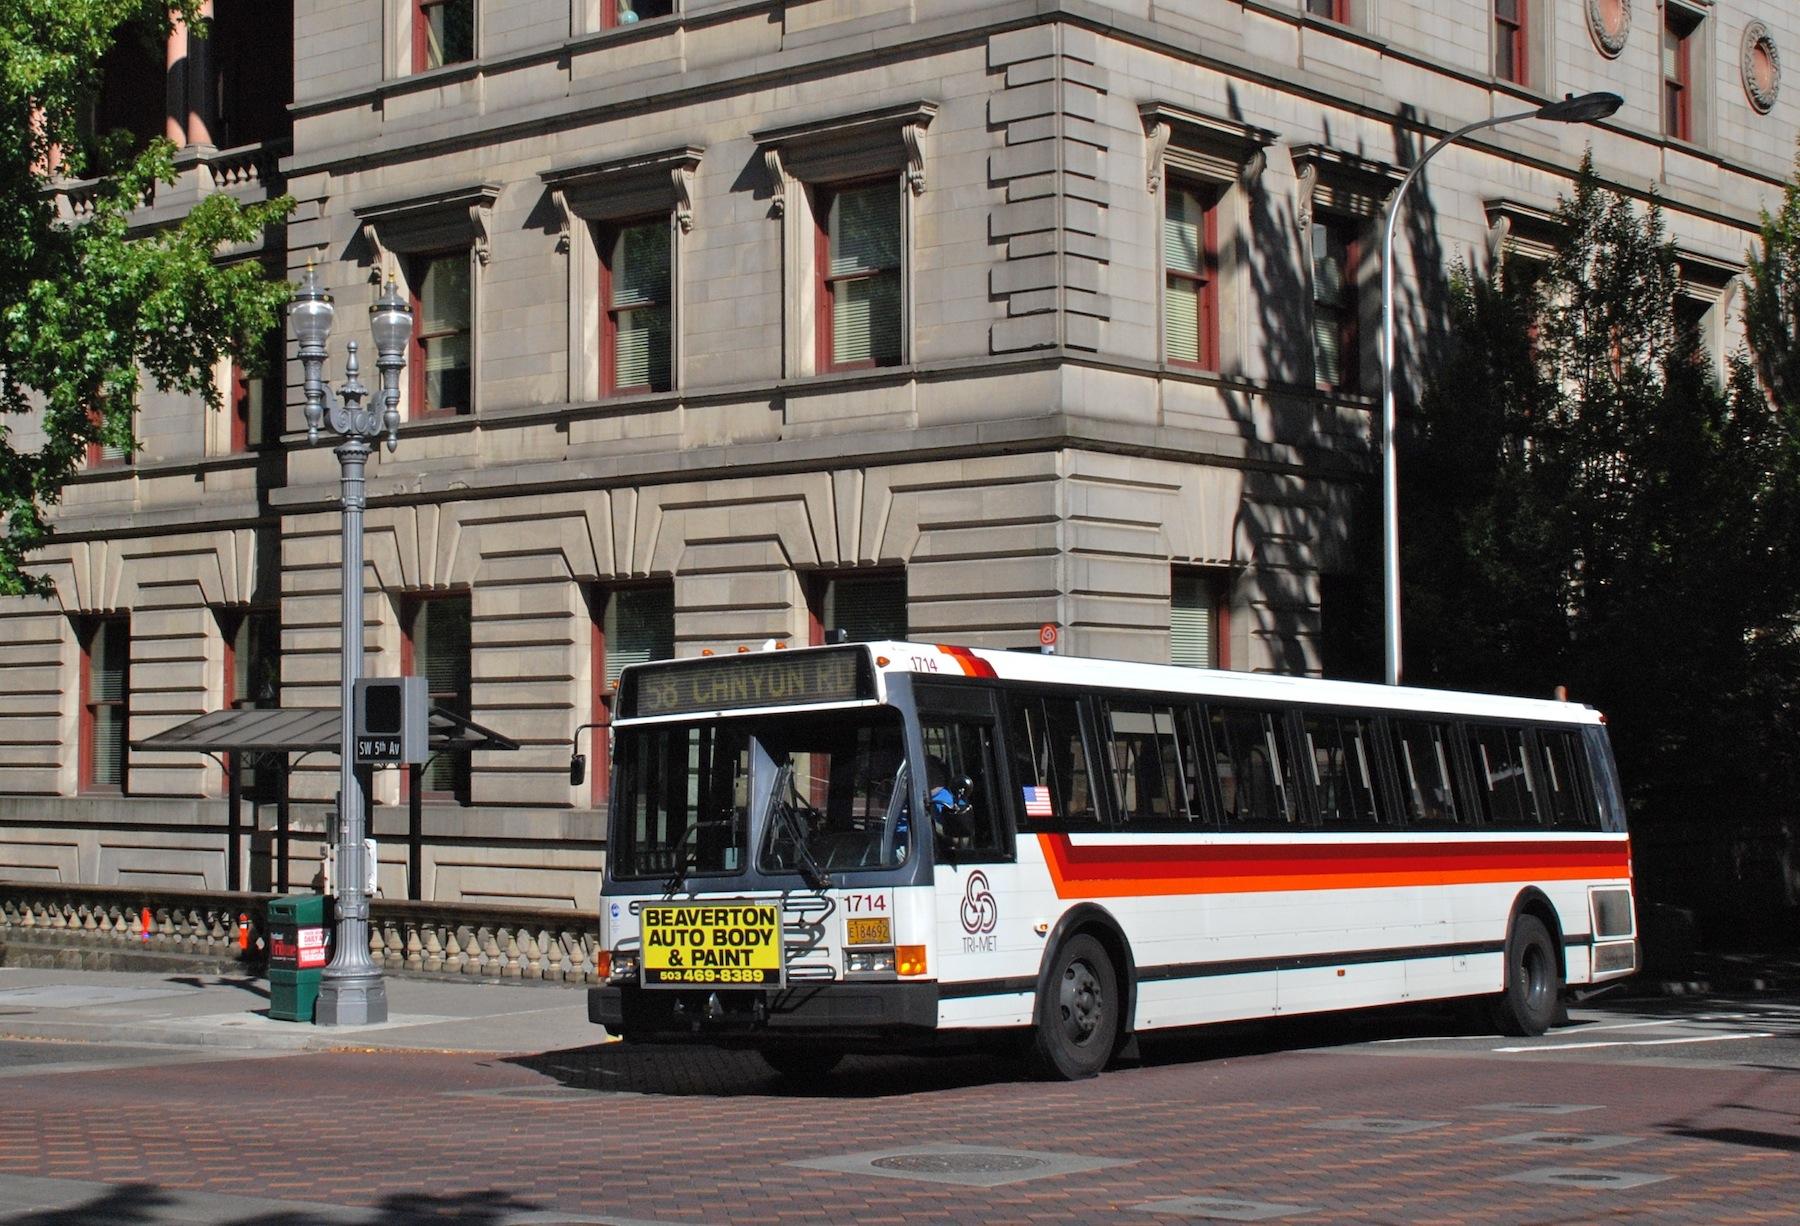 1992 gillig bus going through city in evansvilleindiana 5